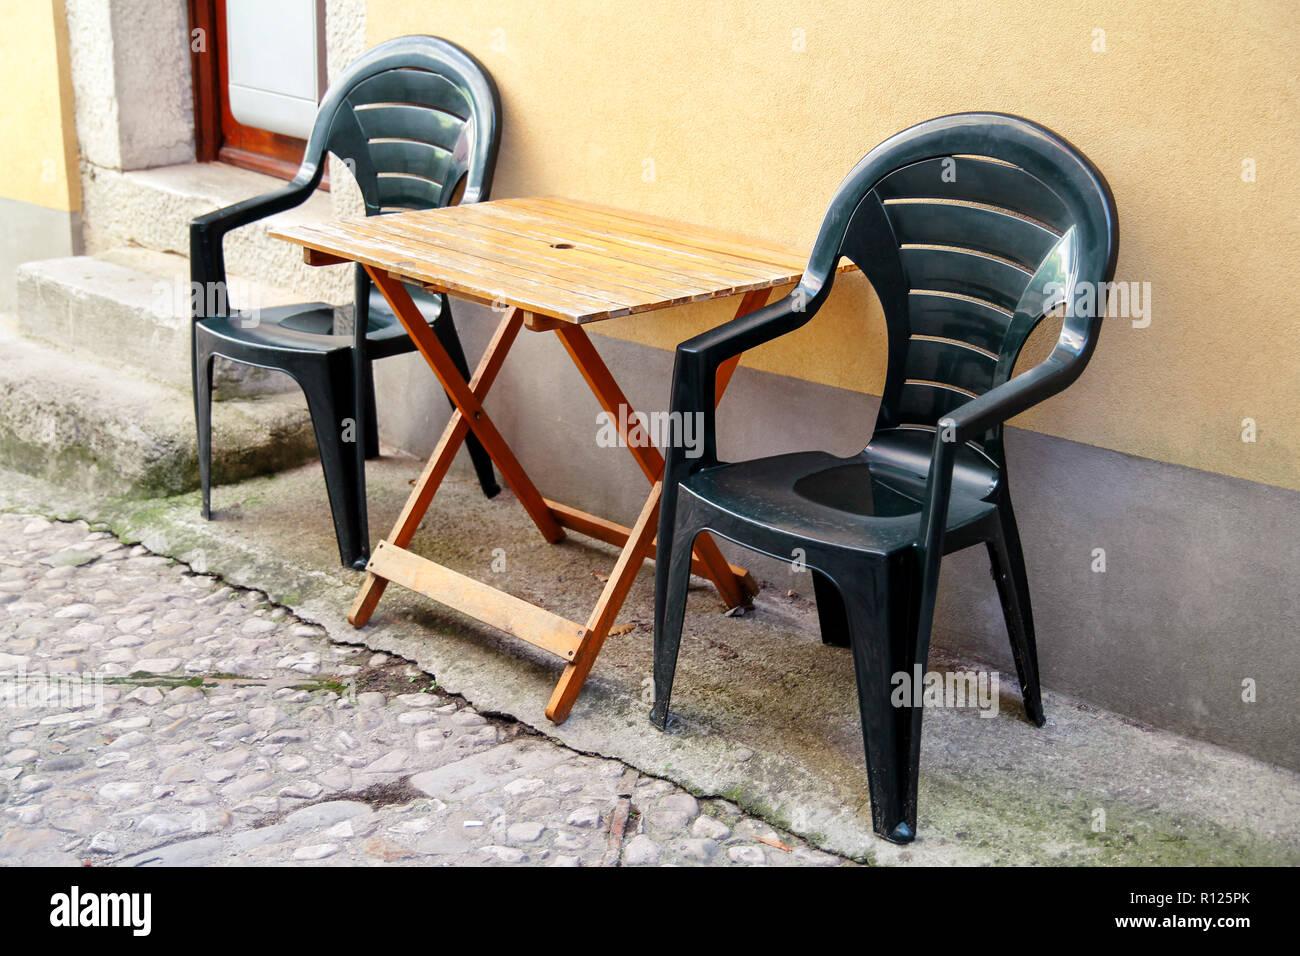 Tavoli Di Plastica Per Esterno.Verde Di Plastica Sedie E Tavolo In Legno Per Esterno Nella Parte